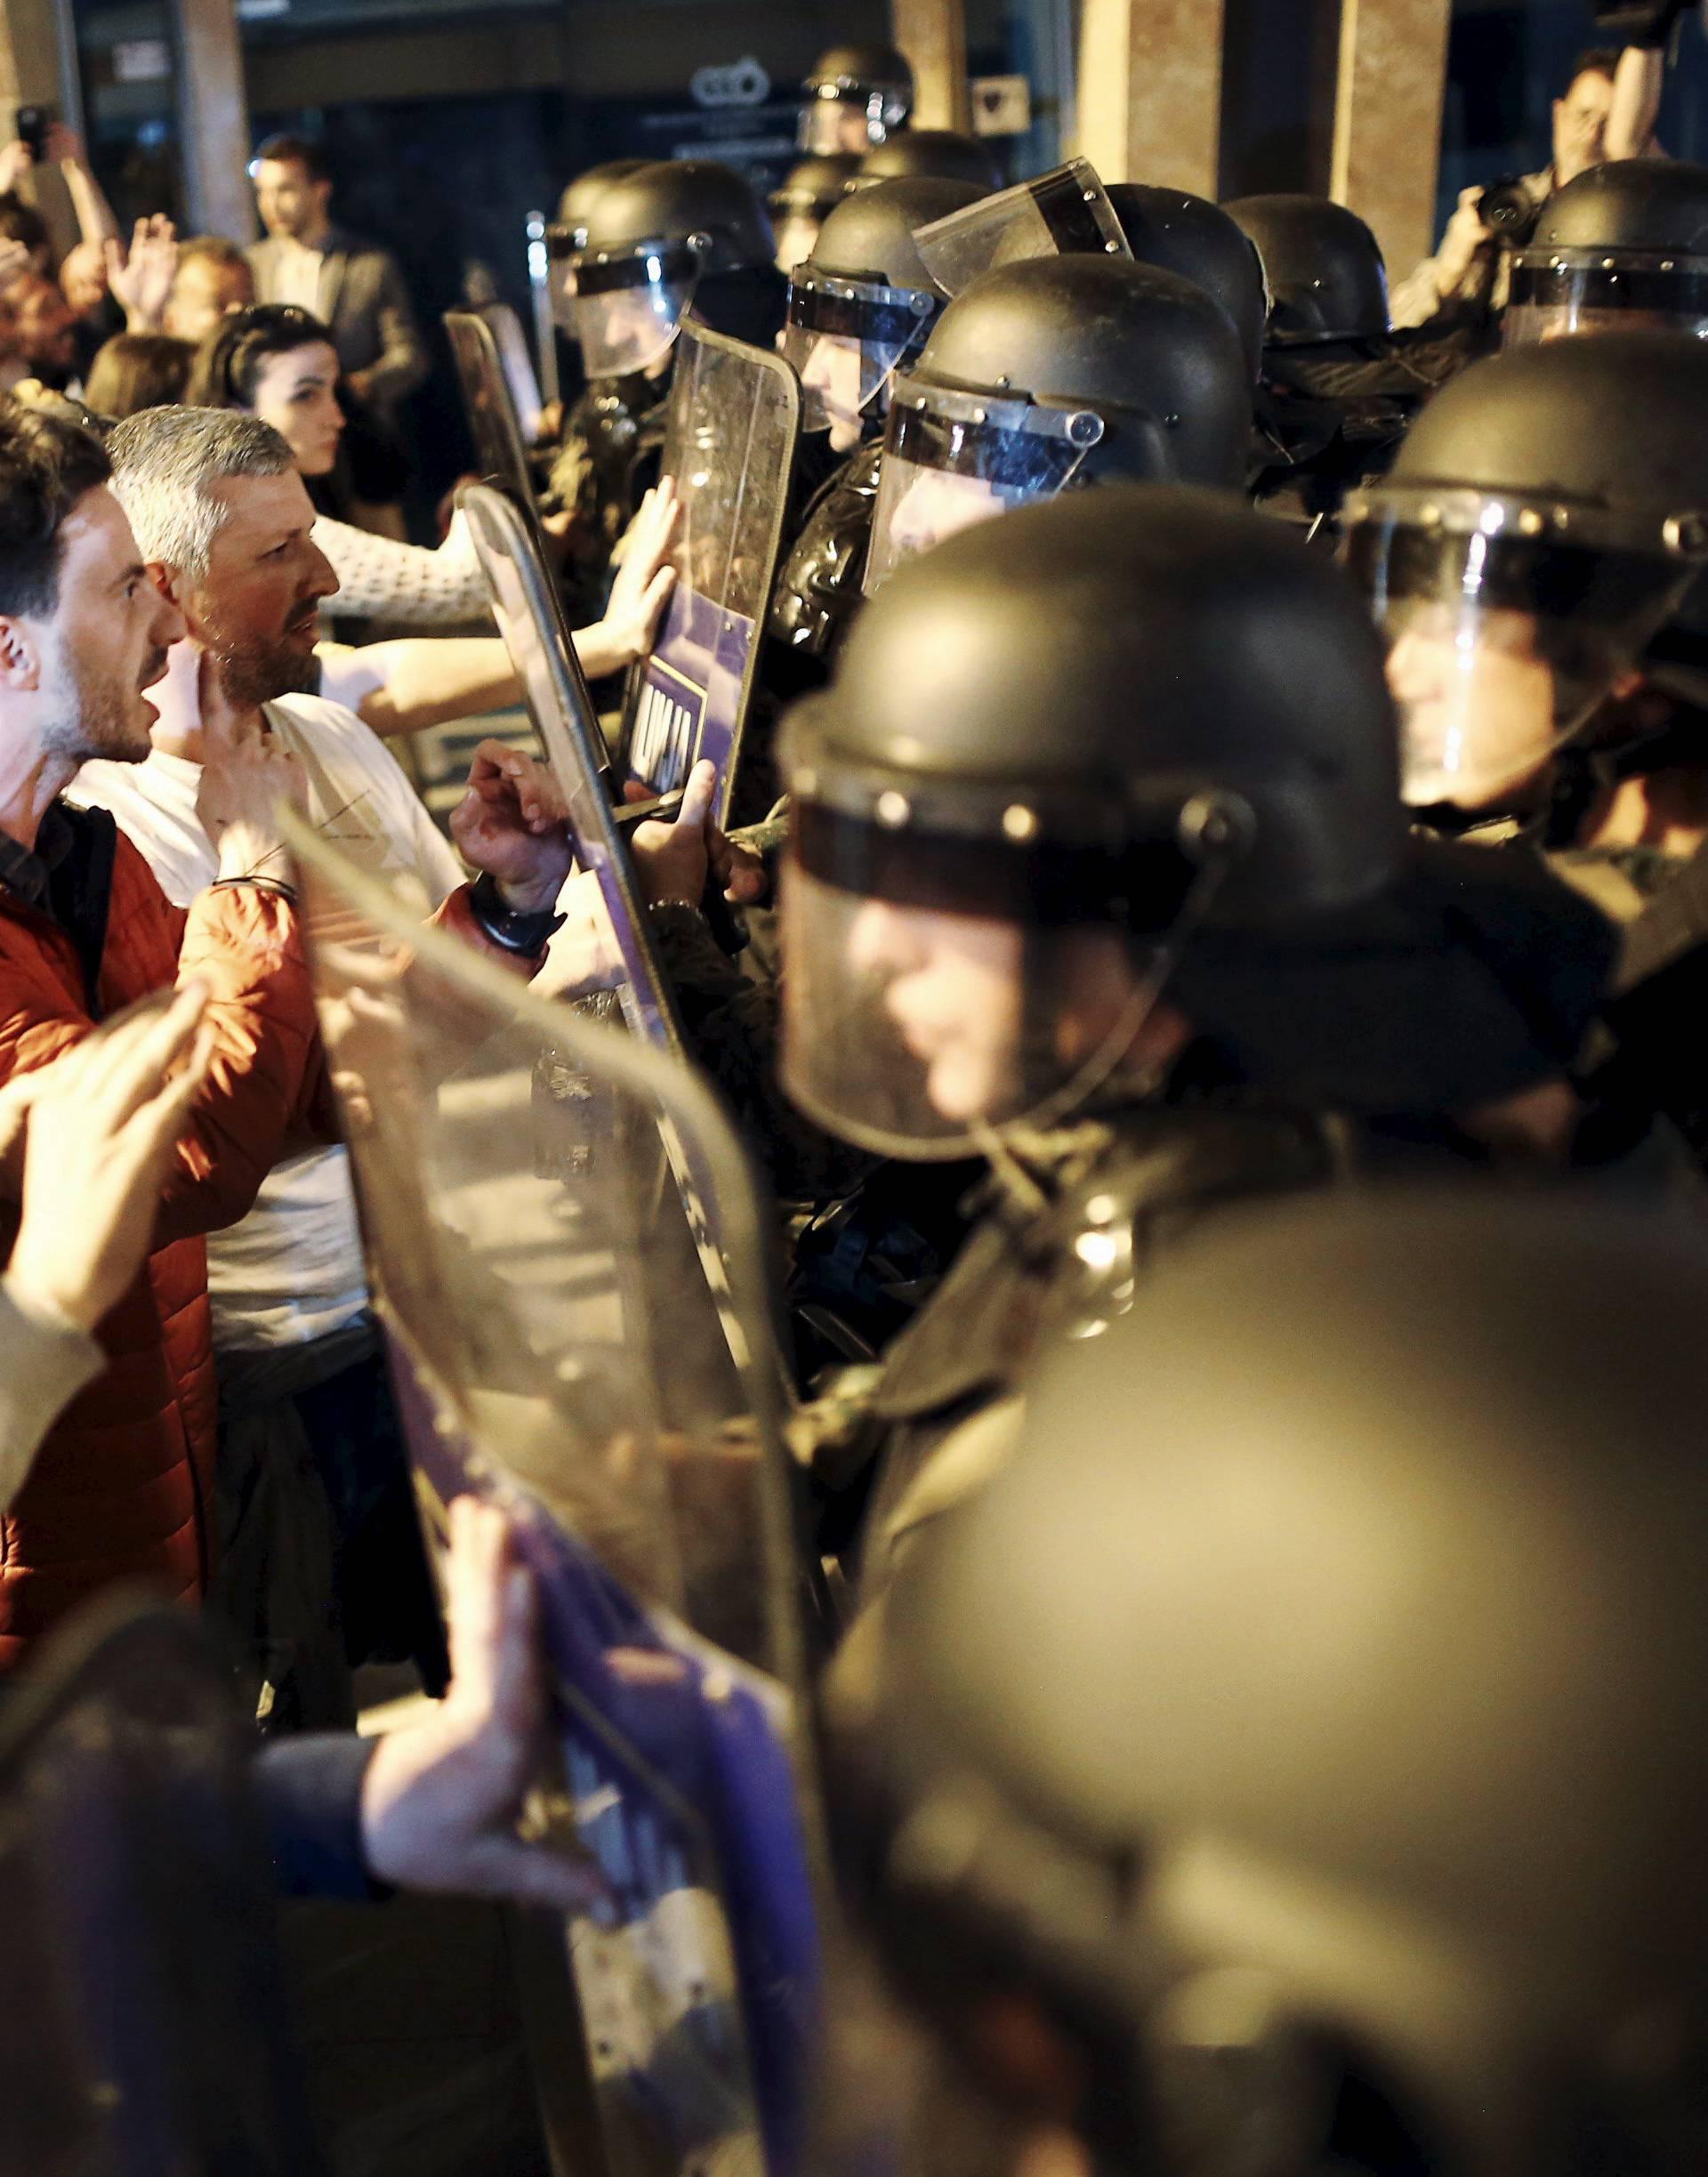 Napeto u Makedoniji: Građani su se sukobili s policijom